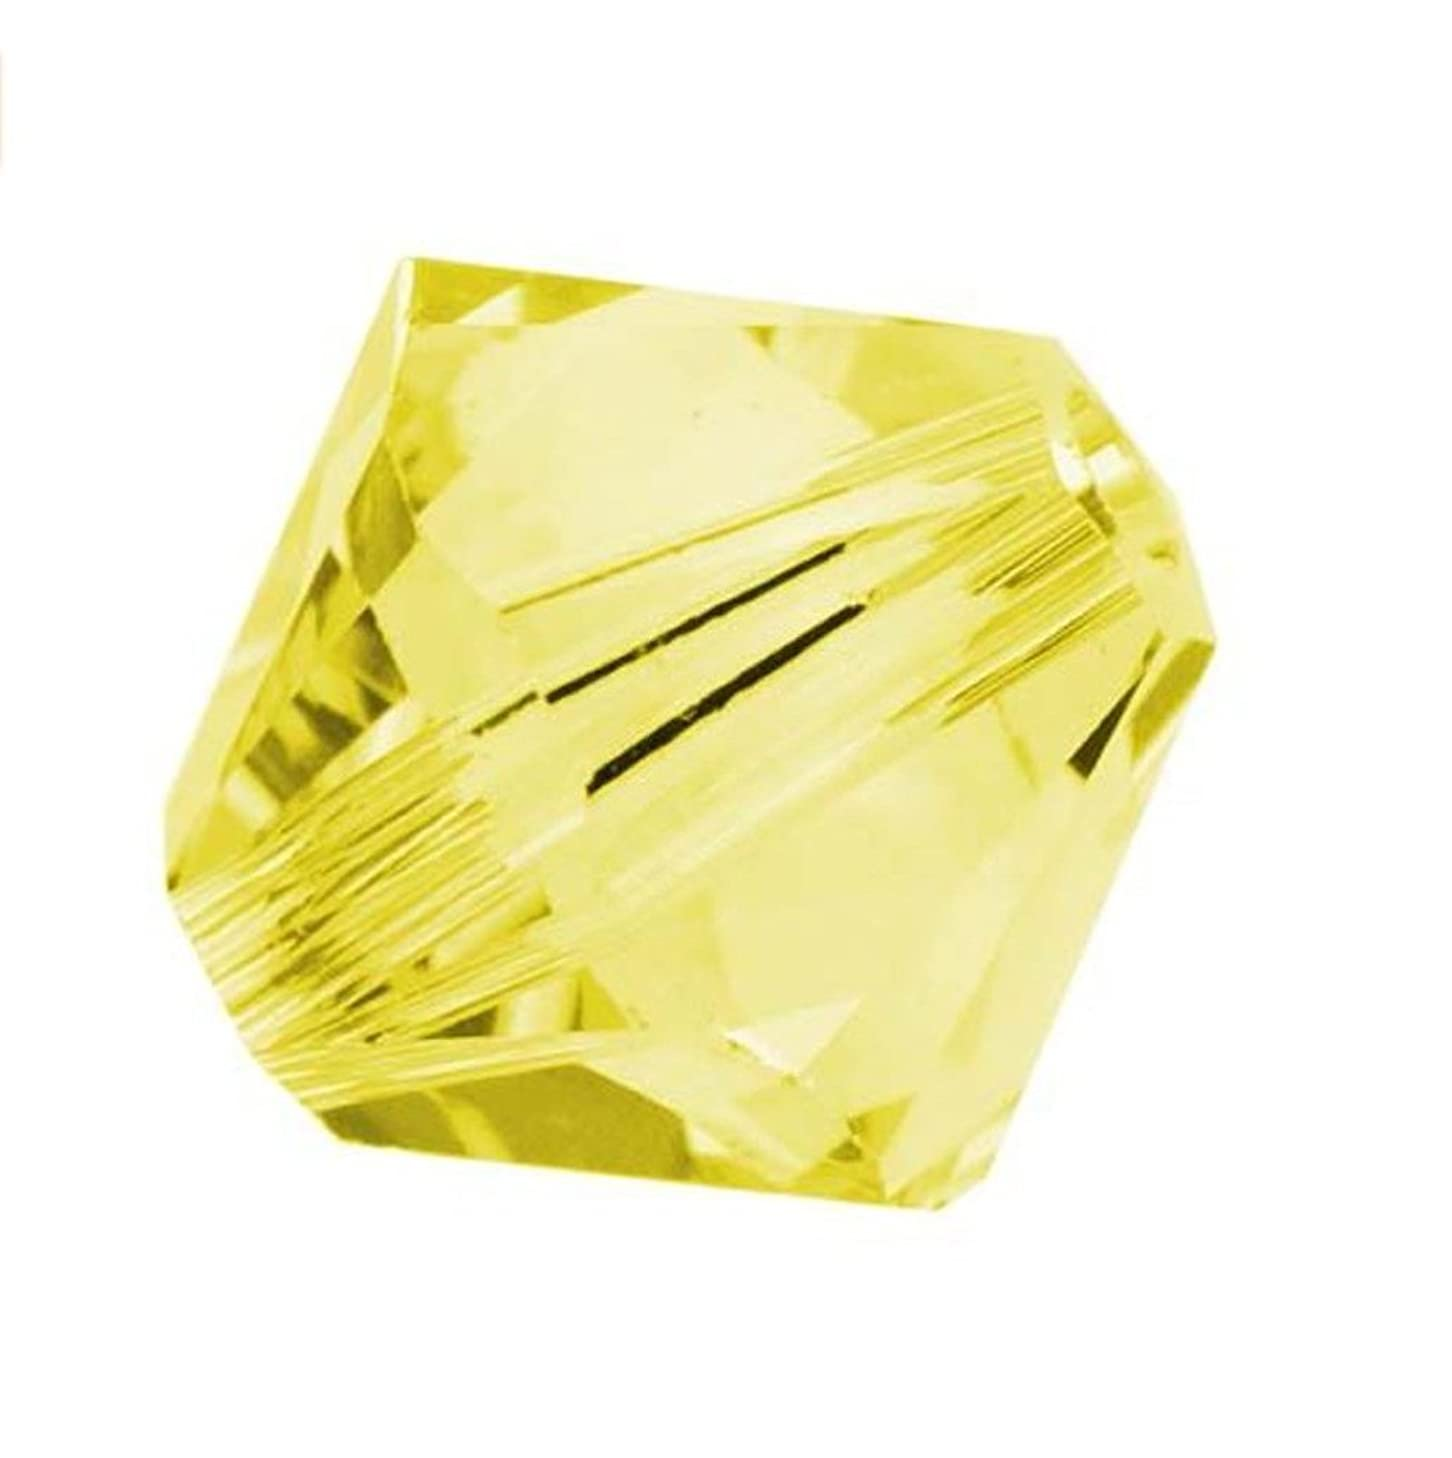 50pcs Genuine Preciosa Bicone Crystal Beads 6mm Citrine Alternatives For Swarovski #5301/5328 #preb629